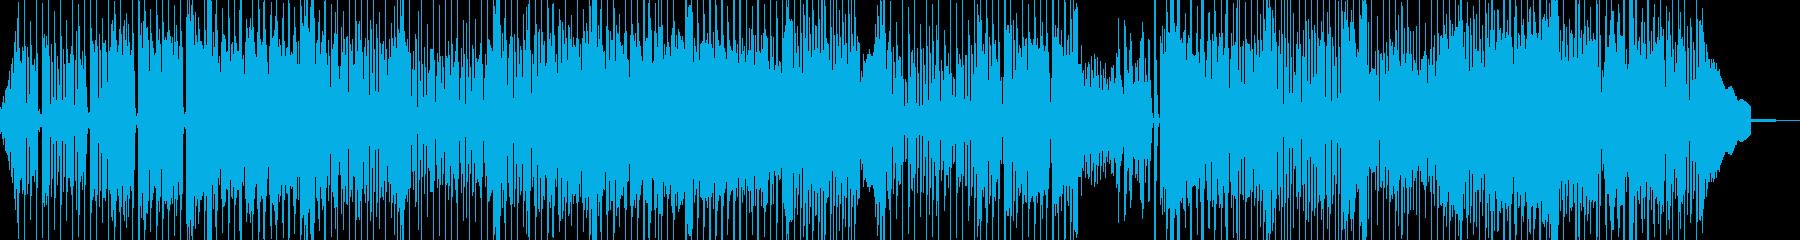 夏バテイメージの無気力ポップ 表リズムDの再生済みの波形